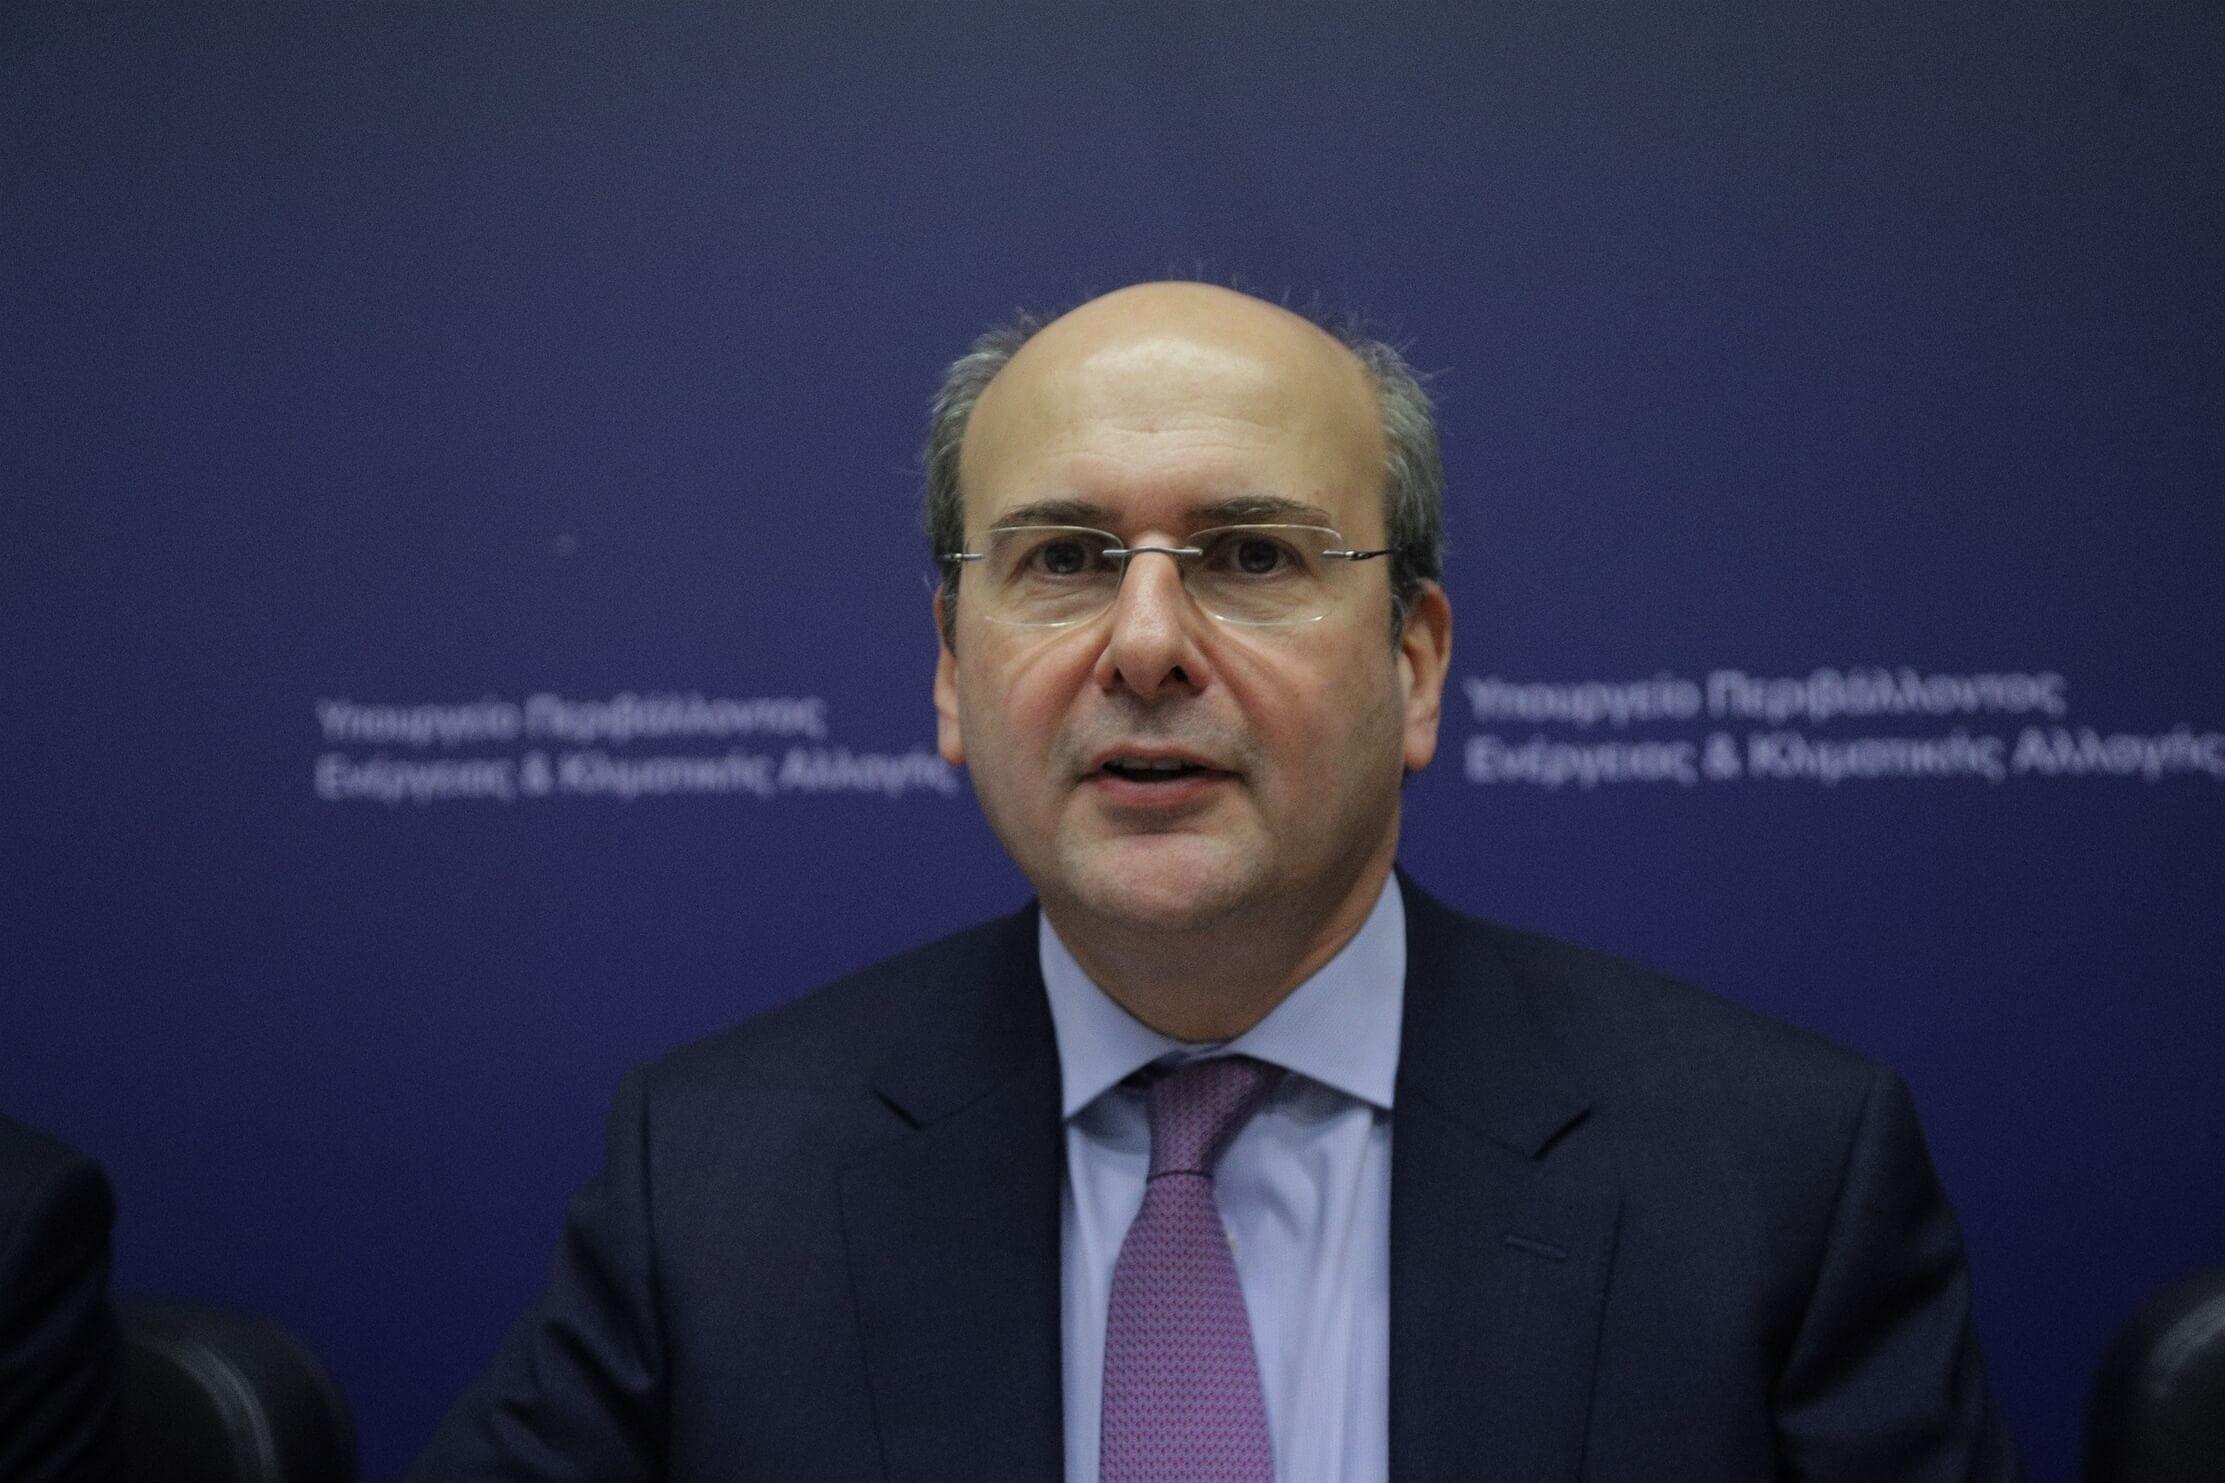 Χατζηδάκης: Πότε θα καταβληθούν οι εκκρεμείς συντάξεις & τα αναδρομικά, πώς θα ενισχυθούν οι άνεργοι